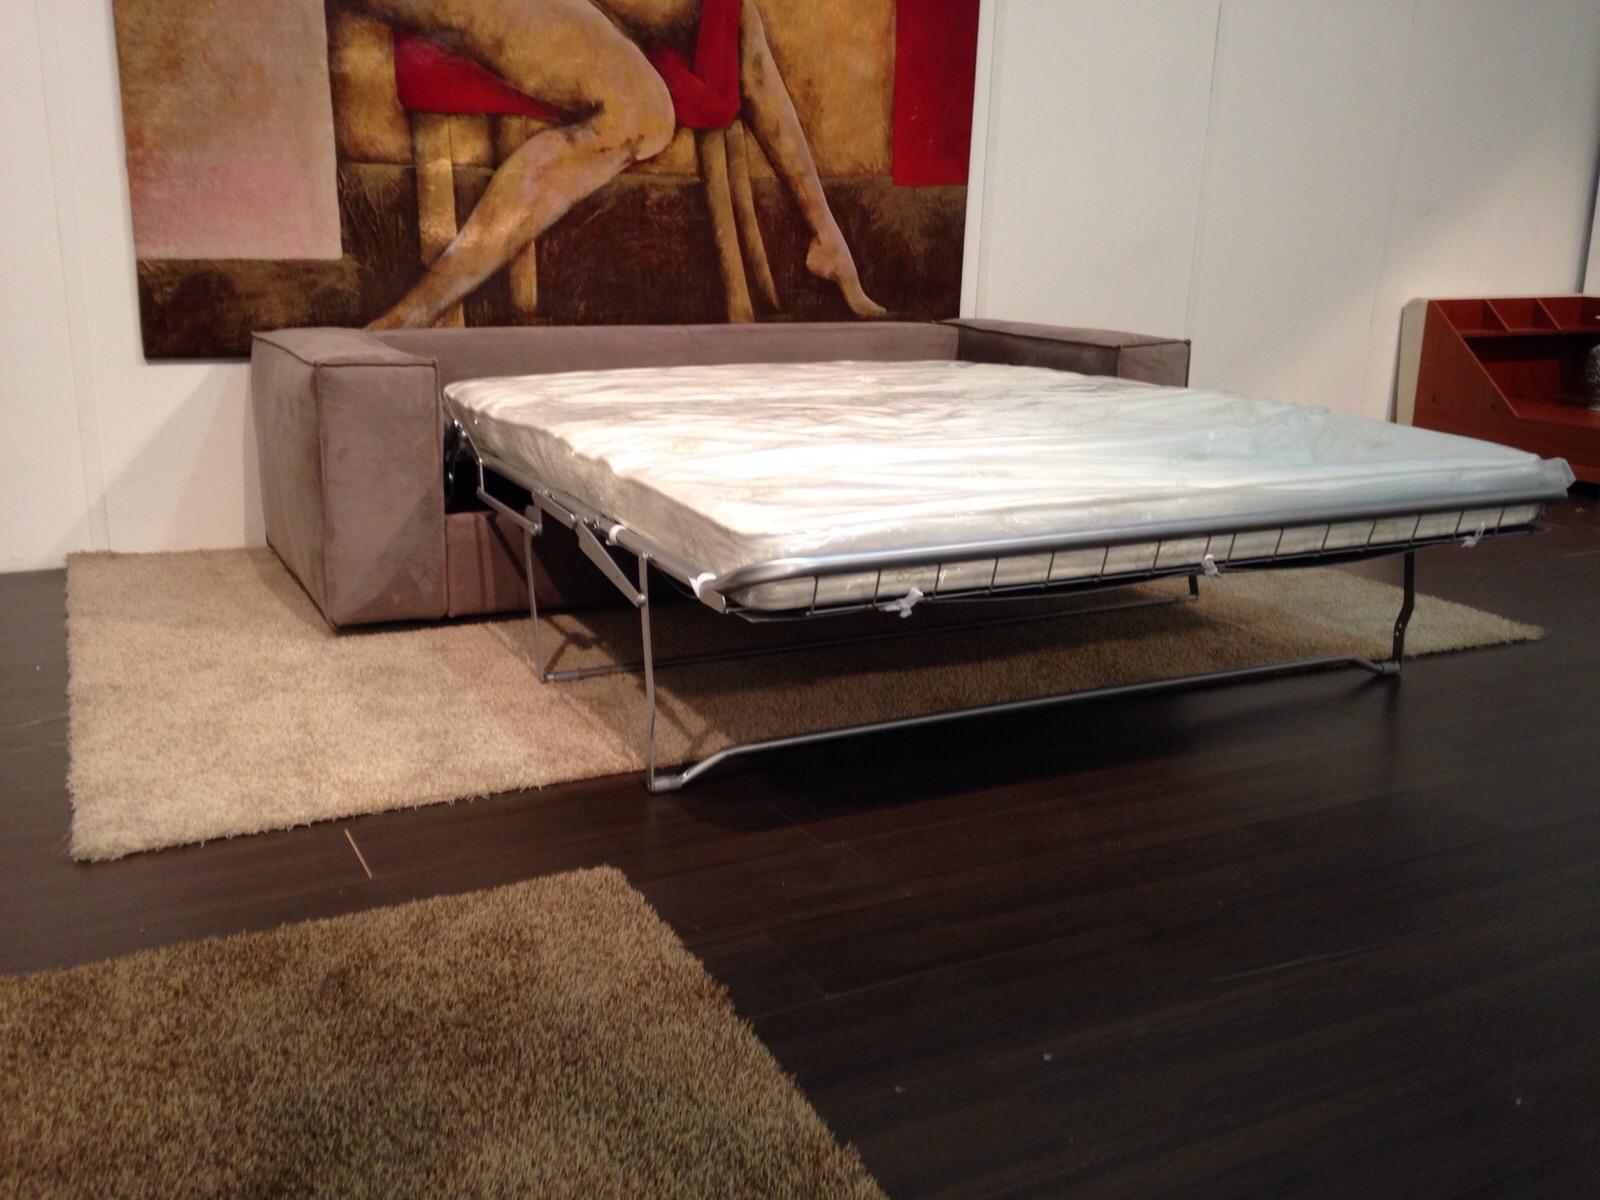 Misure materasso 1 piazza e mezza letto dimensioni - Misure divano letto una piazza e mezza ...